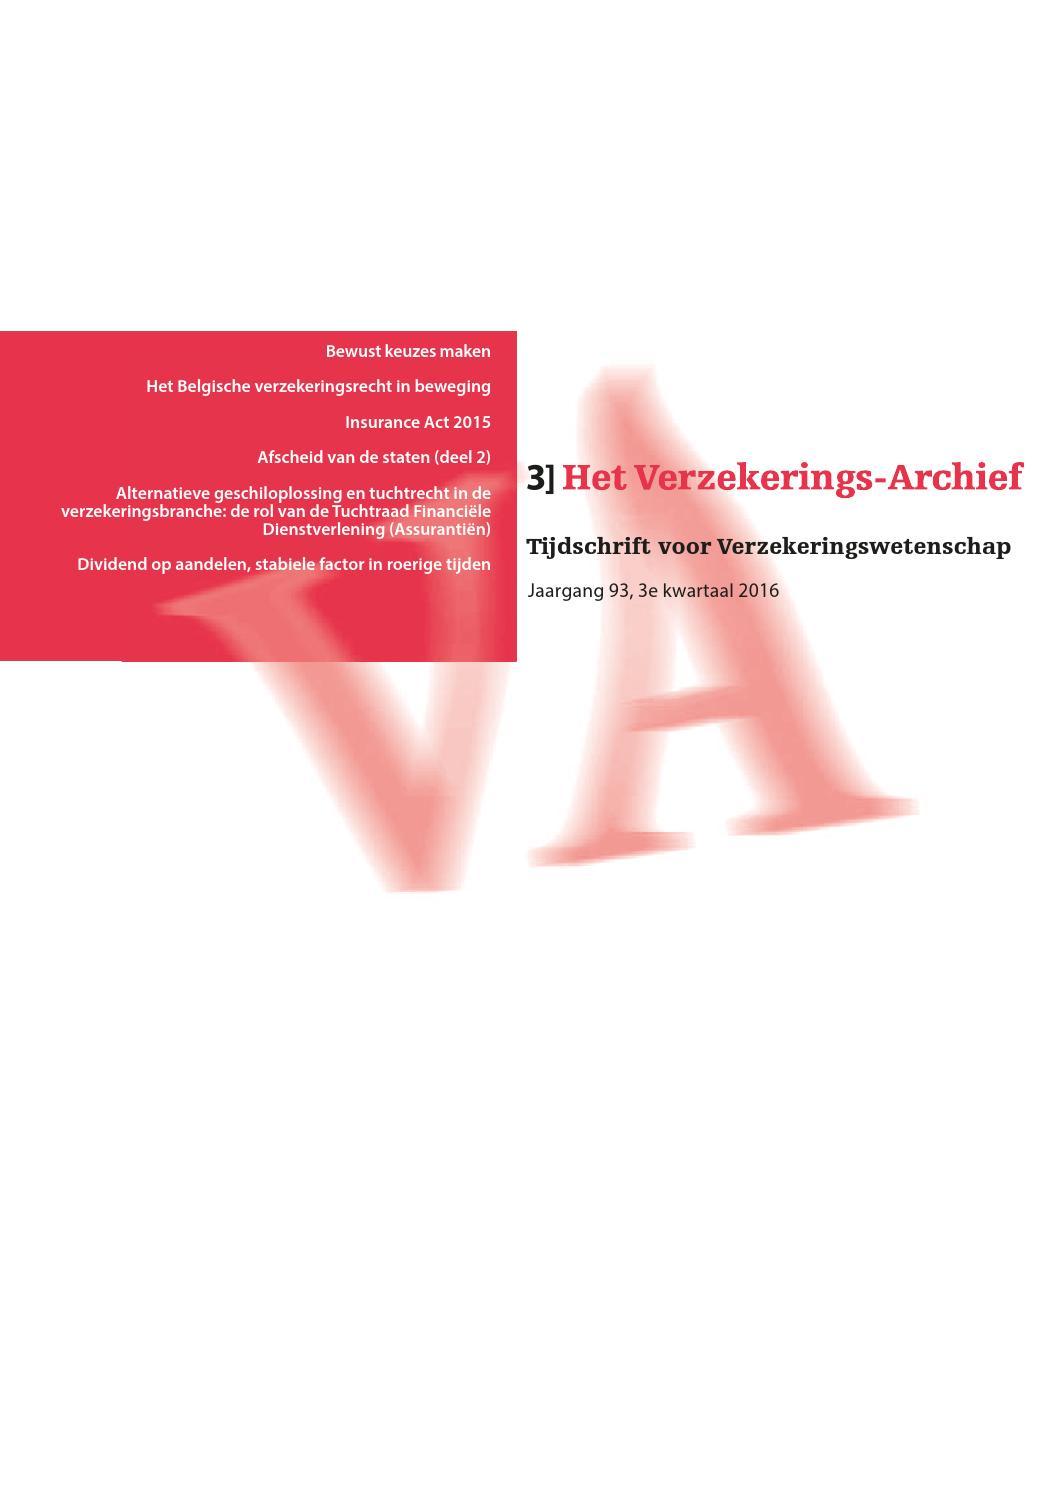 Nederlandse Webcam Sex Soestduinen Datingsite Platluis Spelen Met En Bewijzen dat voor de leeftijd lesbische relaties lacunes: the age gap how to deal.